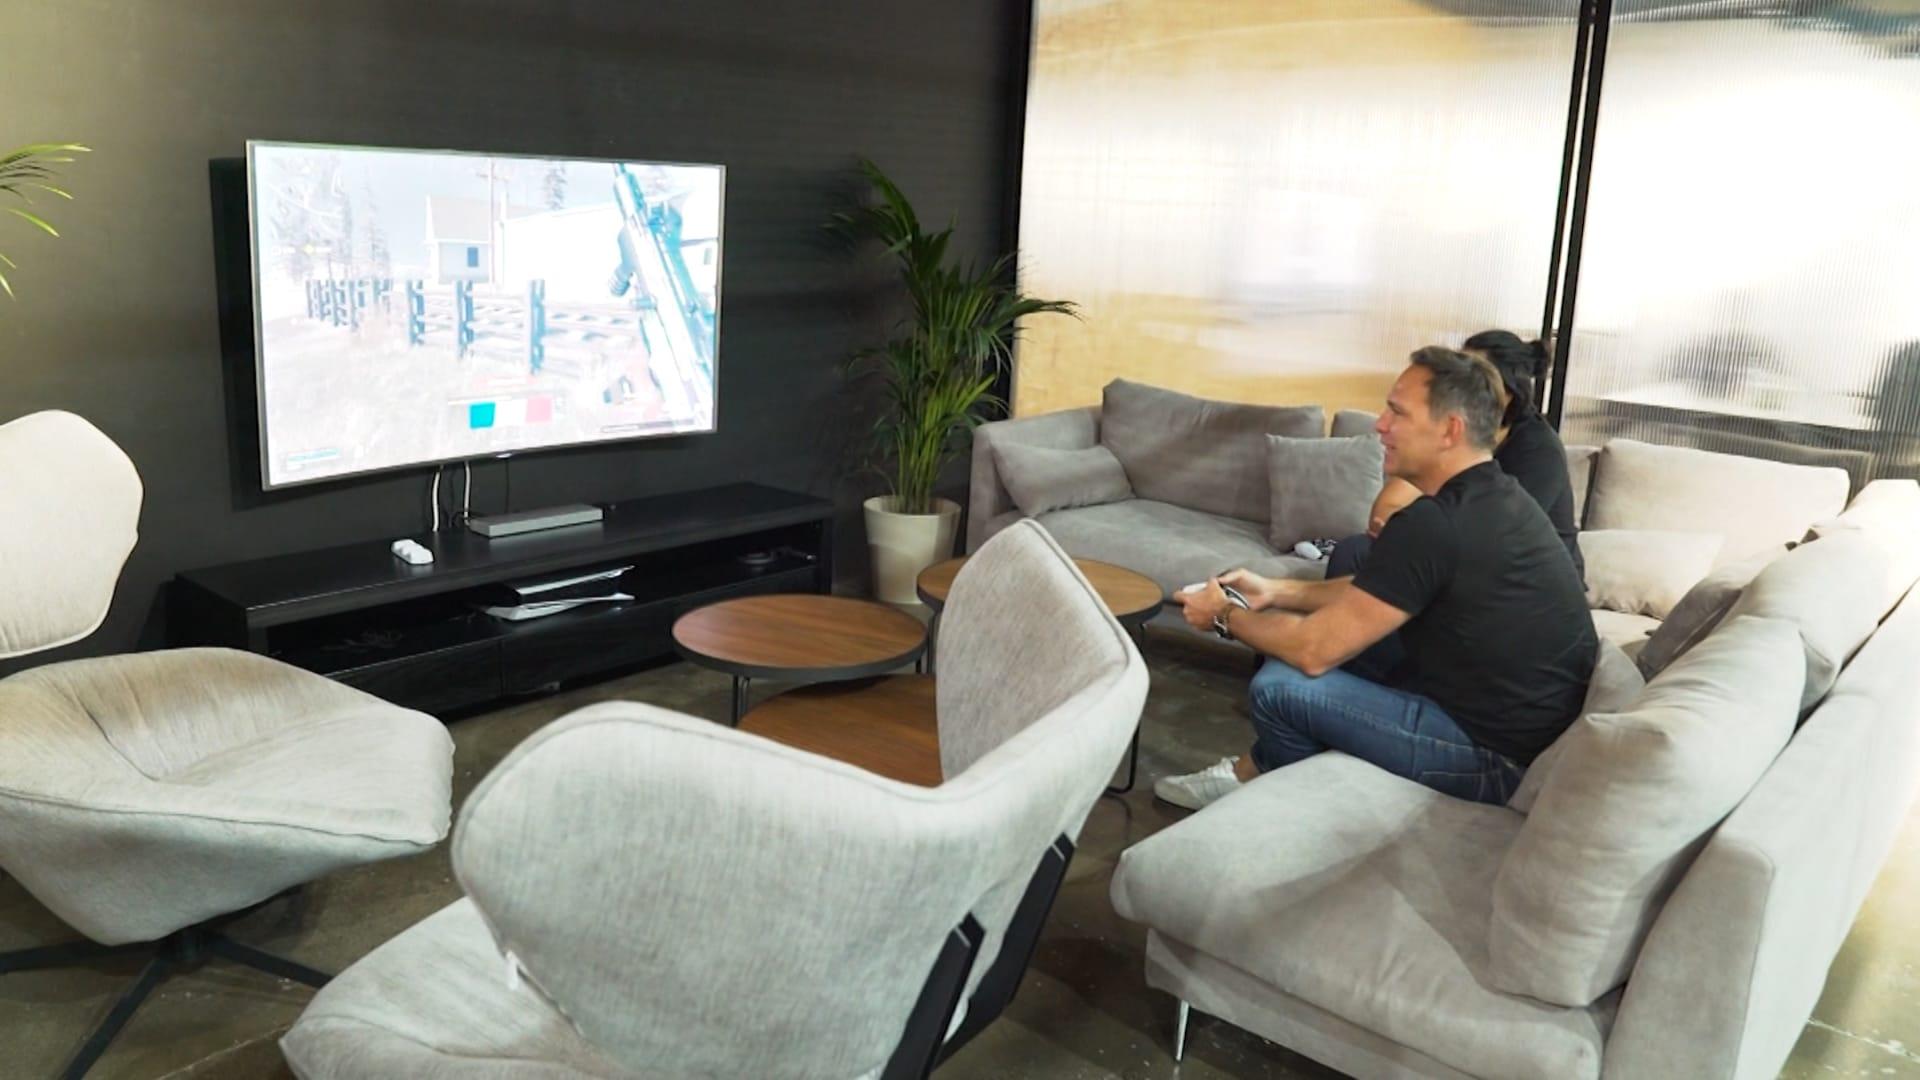 مع افتتاحها أول استوديو إبداعي لألعاب الفيديو في الشرق الأوسط.. شركة في دبي تحاول إنشاء مجتمع للاعبين في المنطقة